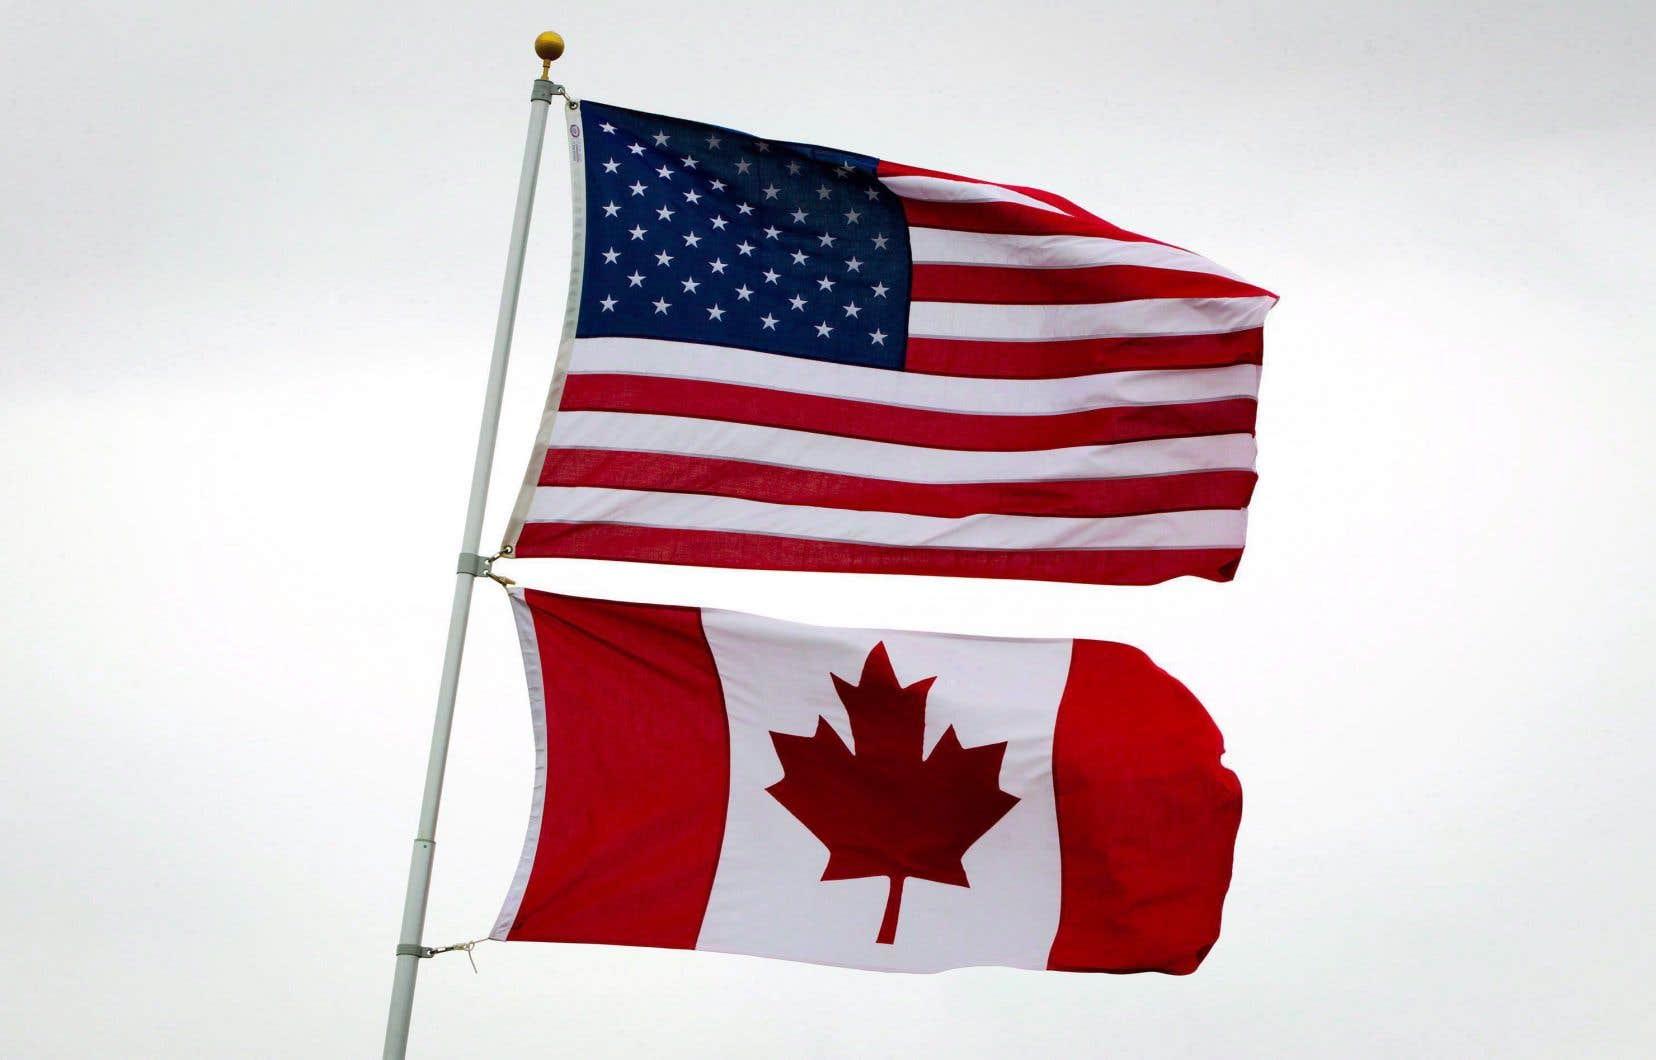 Le retour des vacanciers québécois constitue l'un des week-ends les plus achalandés de l'année pour les services frontaliers, notamment à la douane de Saint-Bernard-de-Lacolle.